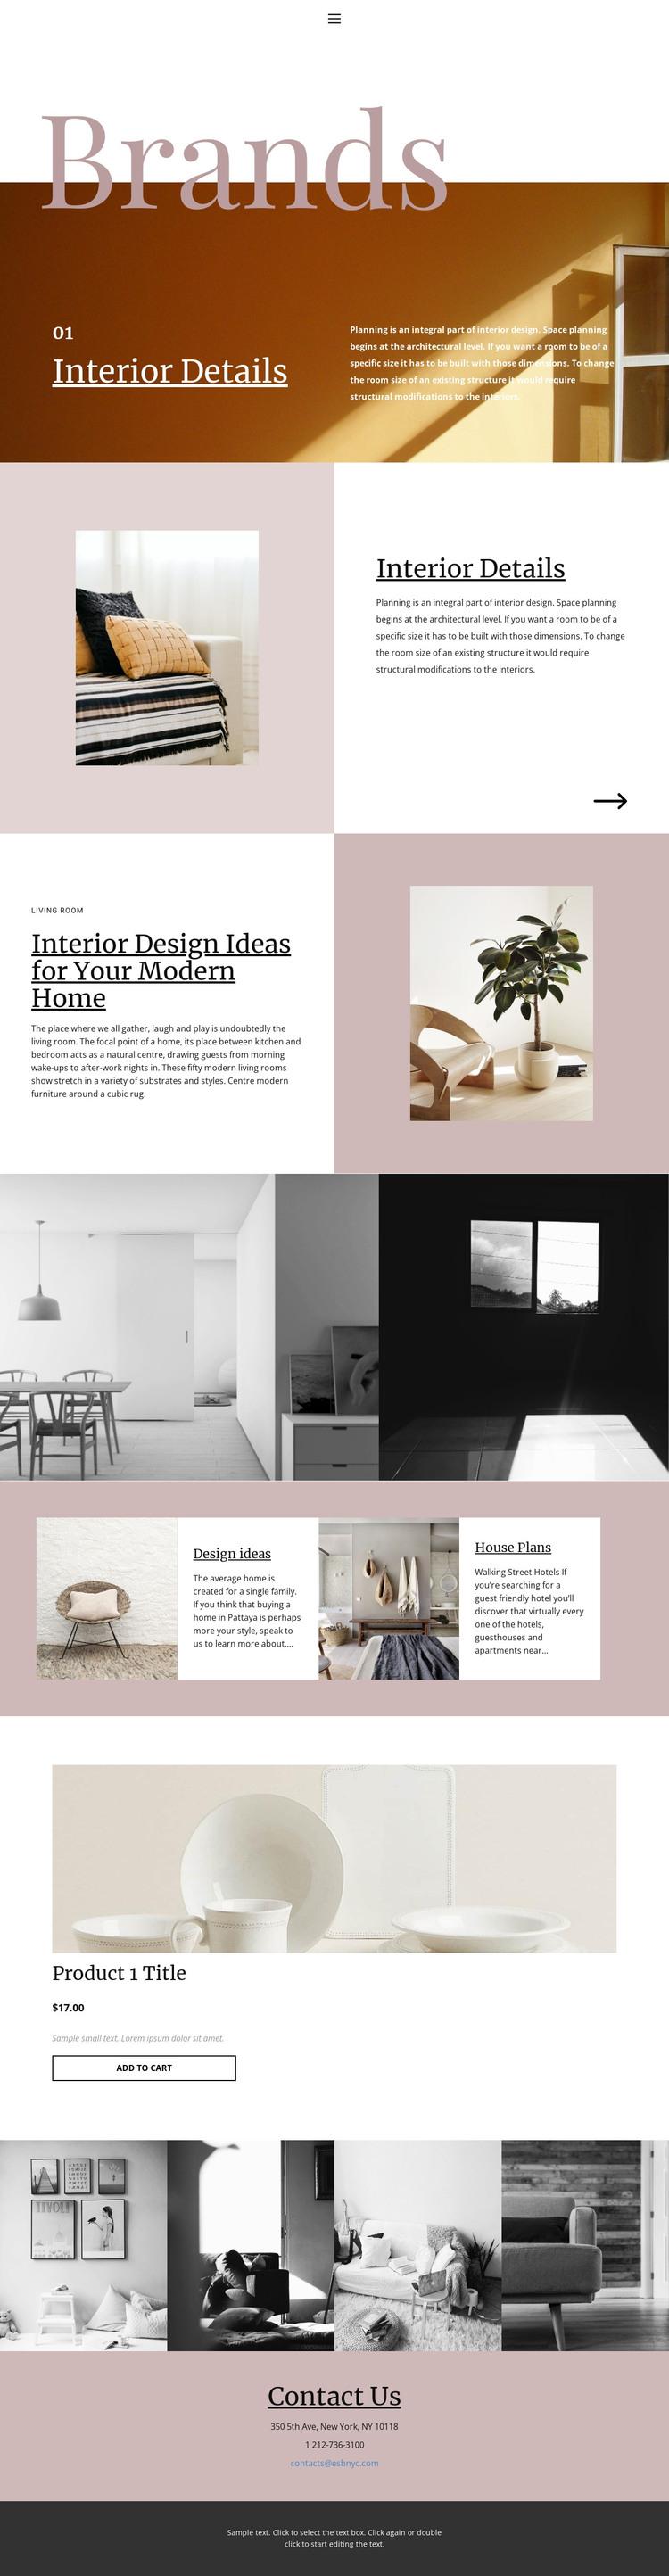 I am an interior designer Web Design